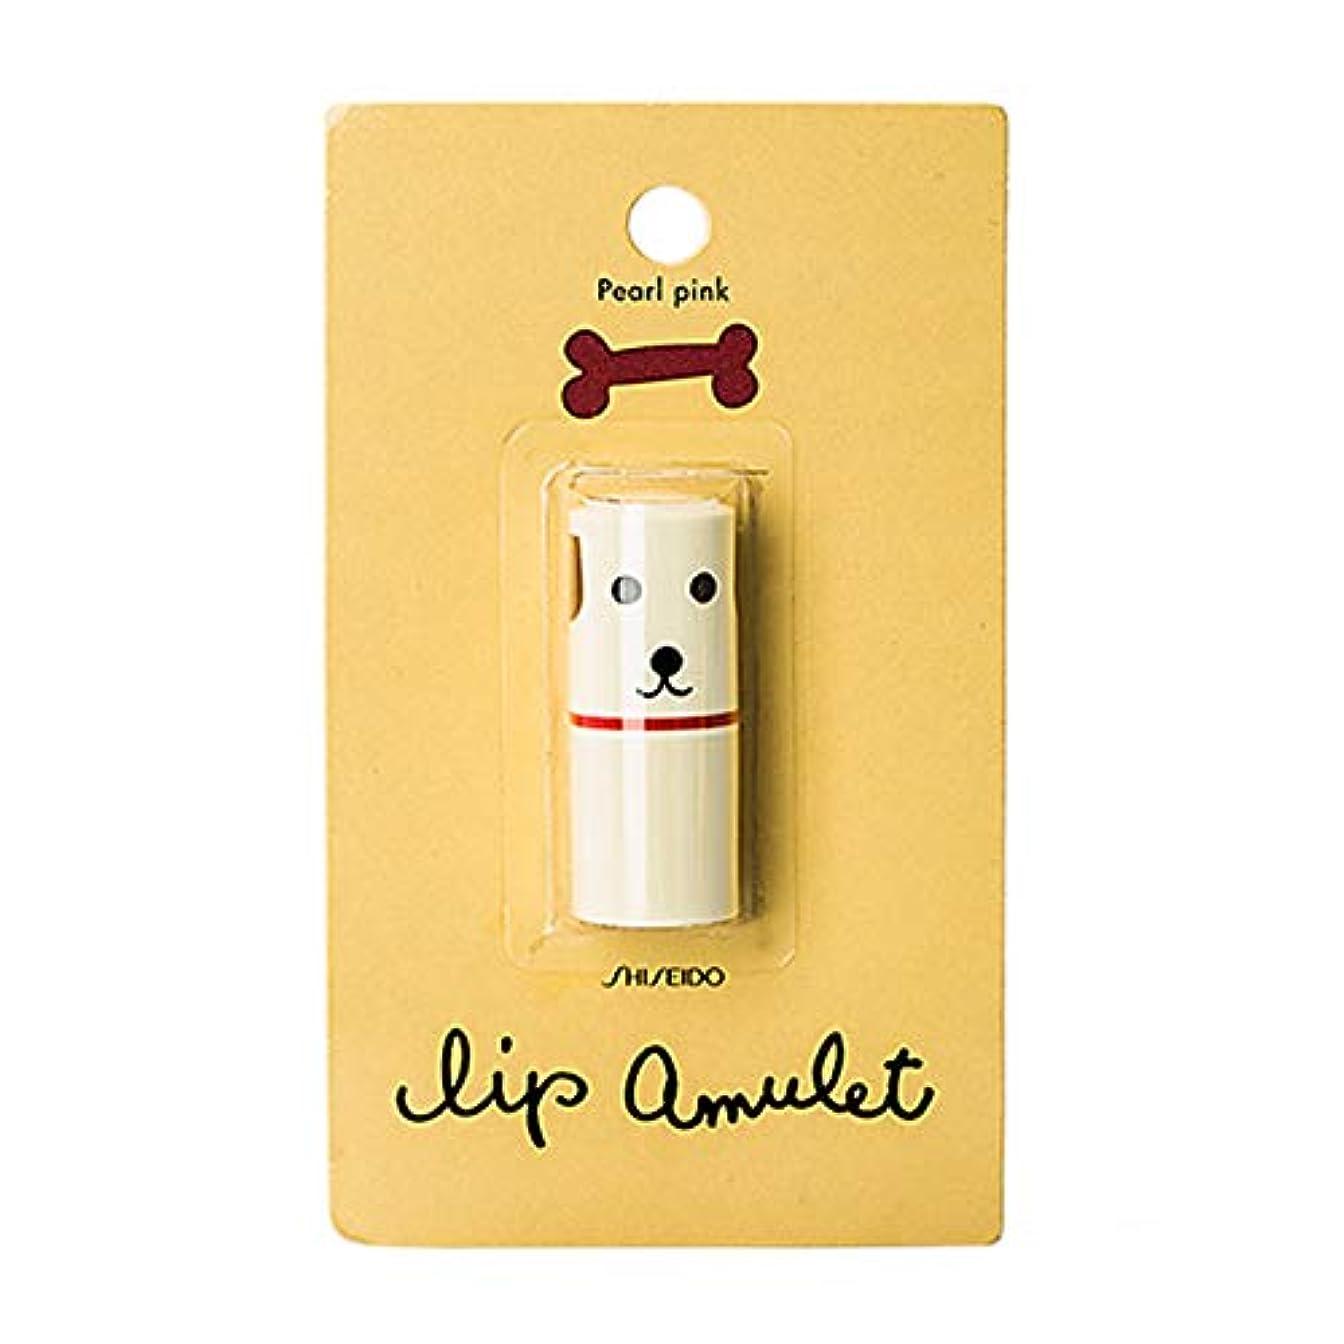 傾向どこでも突撃【台湾限定】資生堂 Shiseido リップアミュレット Lip Amulet お土産 コスメ 色つきリップ 単品 珍珠粉紅 (パールピンク) [並行輸入品]